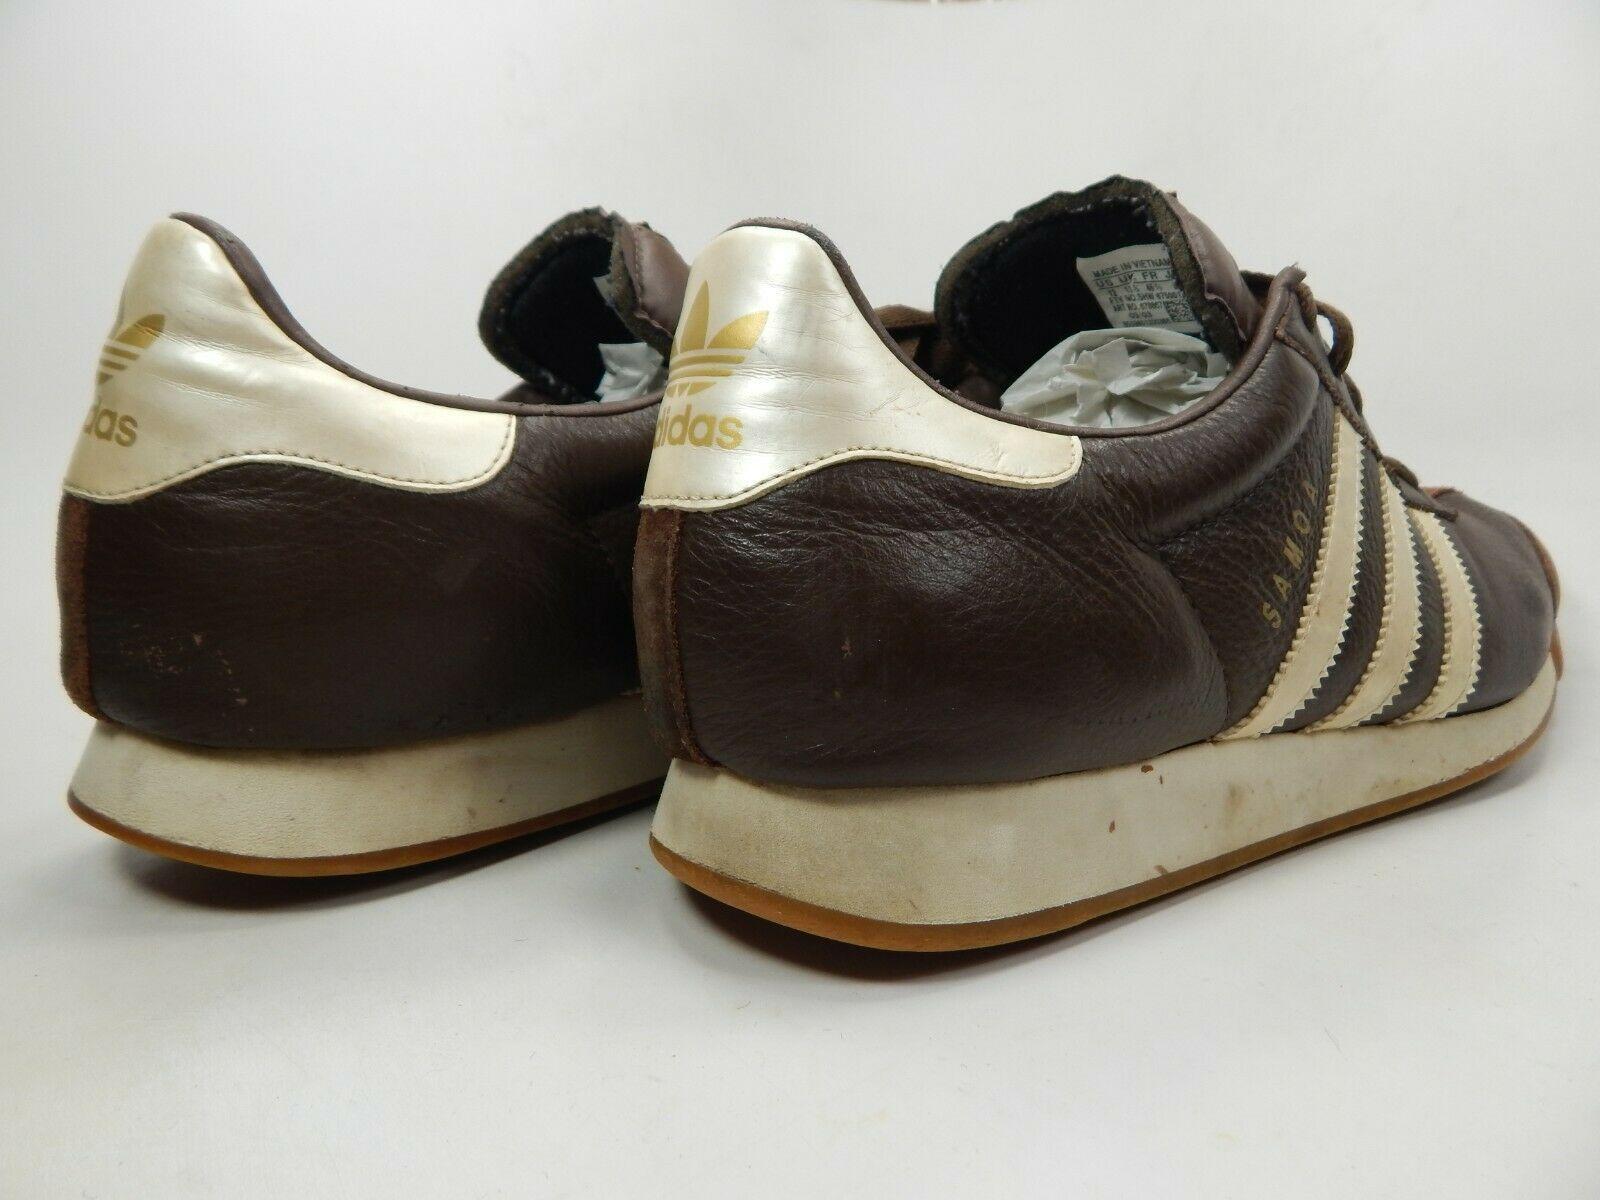 Adidas Samoa Größe US 12 M (D) Eu 46 2/3 Herren Freizeit Turnschuhe Braune image 5